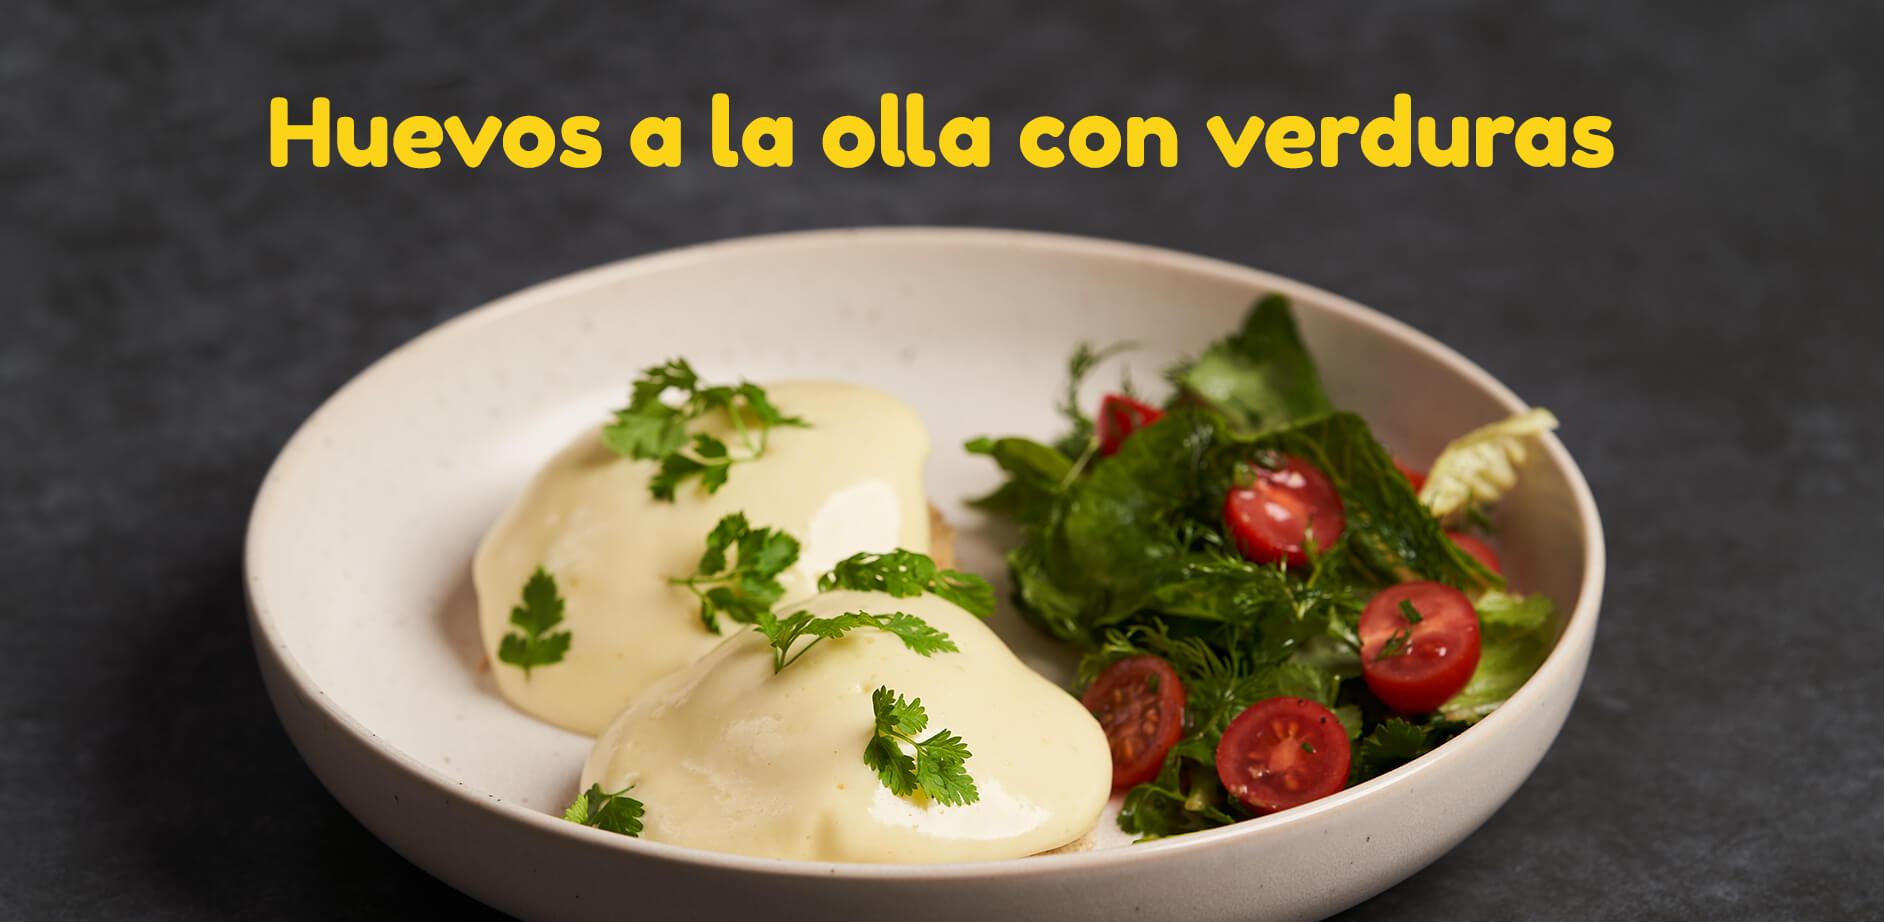 Huevos a la olla con verduras